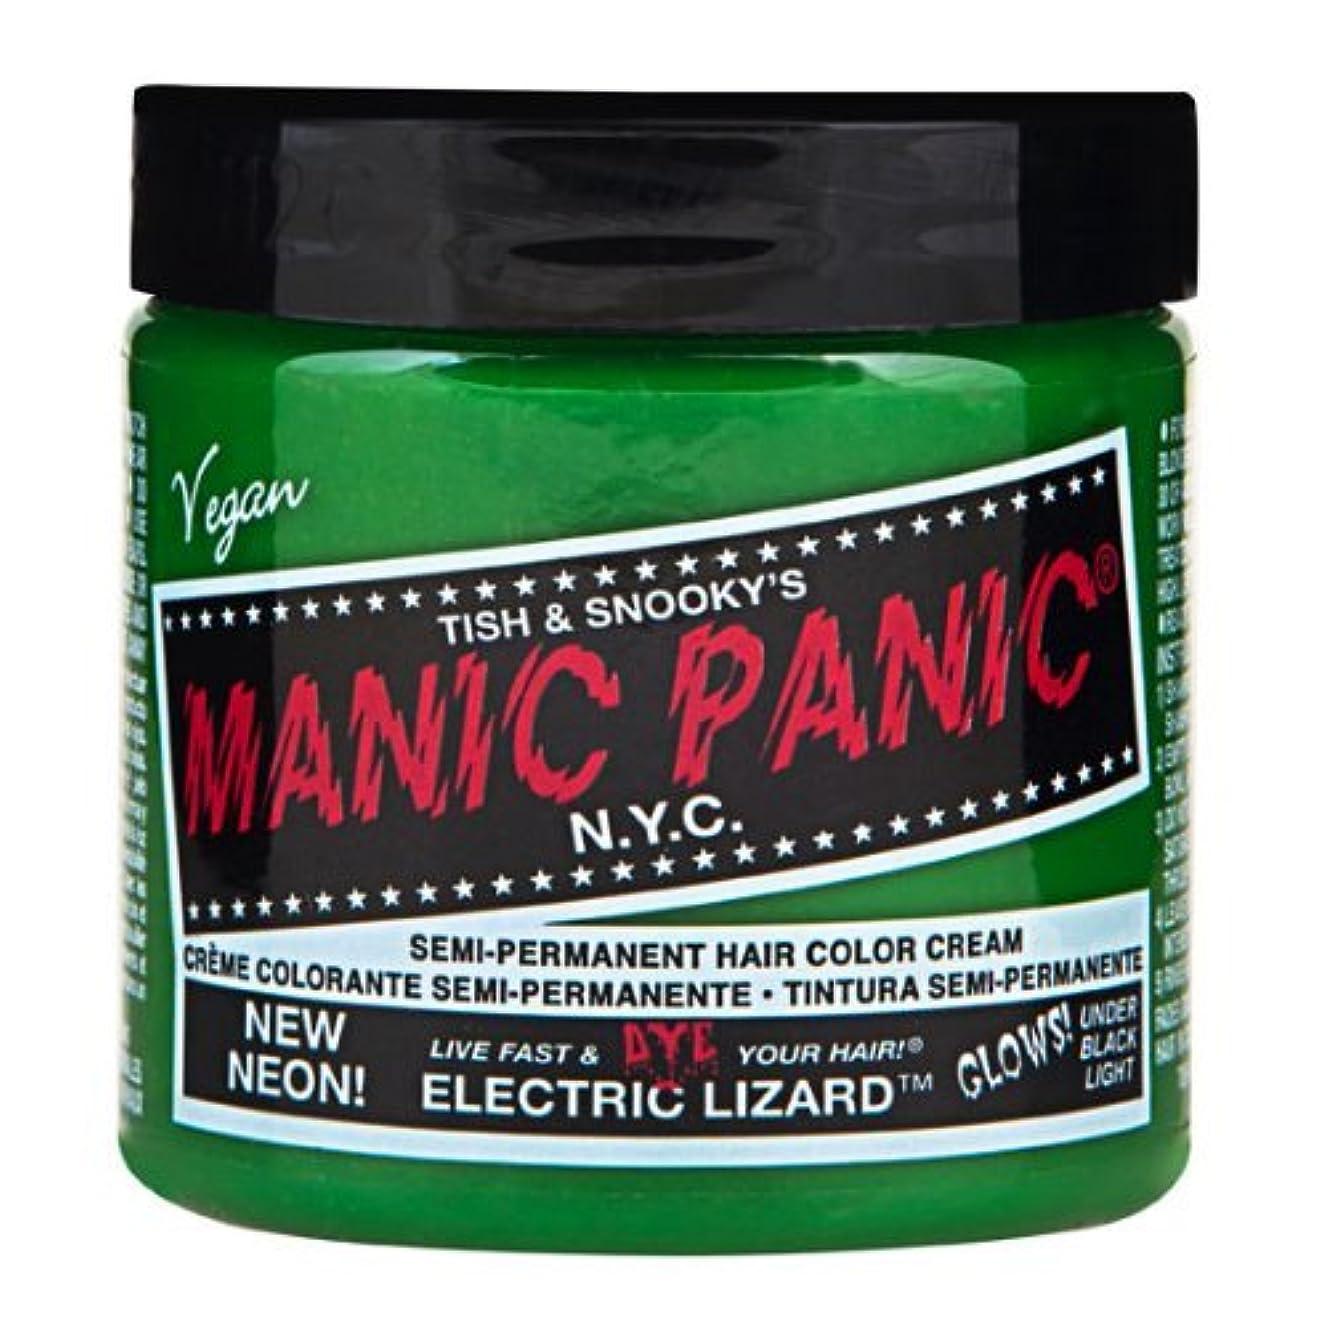 勇敢なストレンジャー冒険者マニックパニック MANIC PANIC ヘアカラー 118mlネオンエレクトリックリザード ヘアーカラー